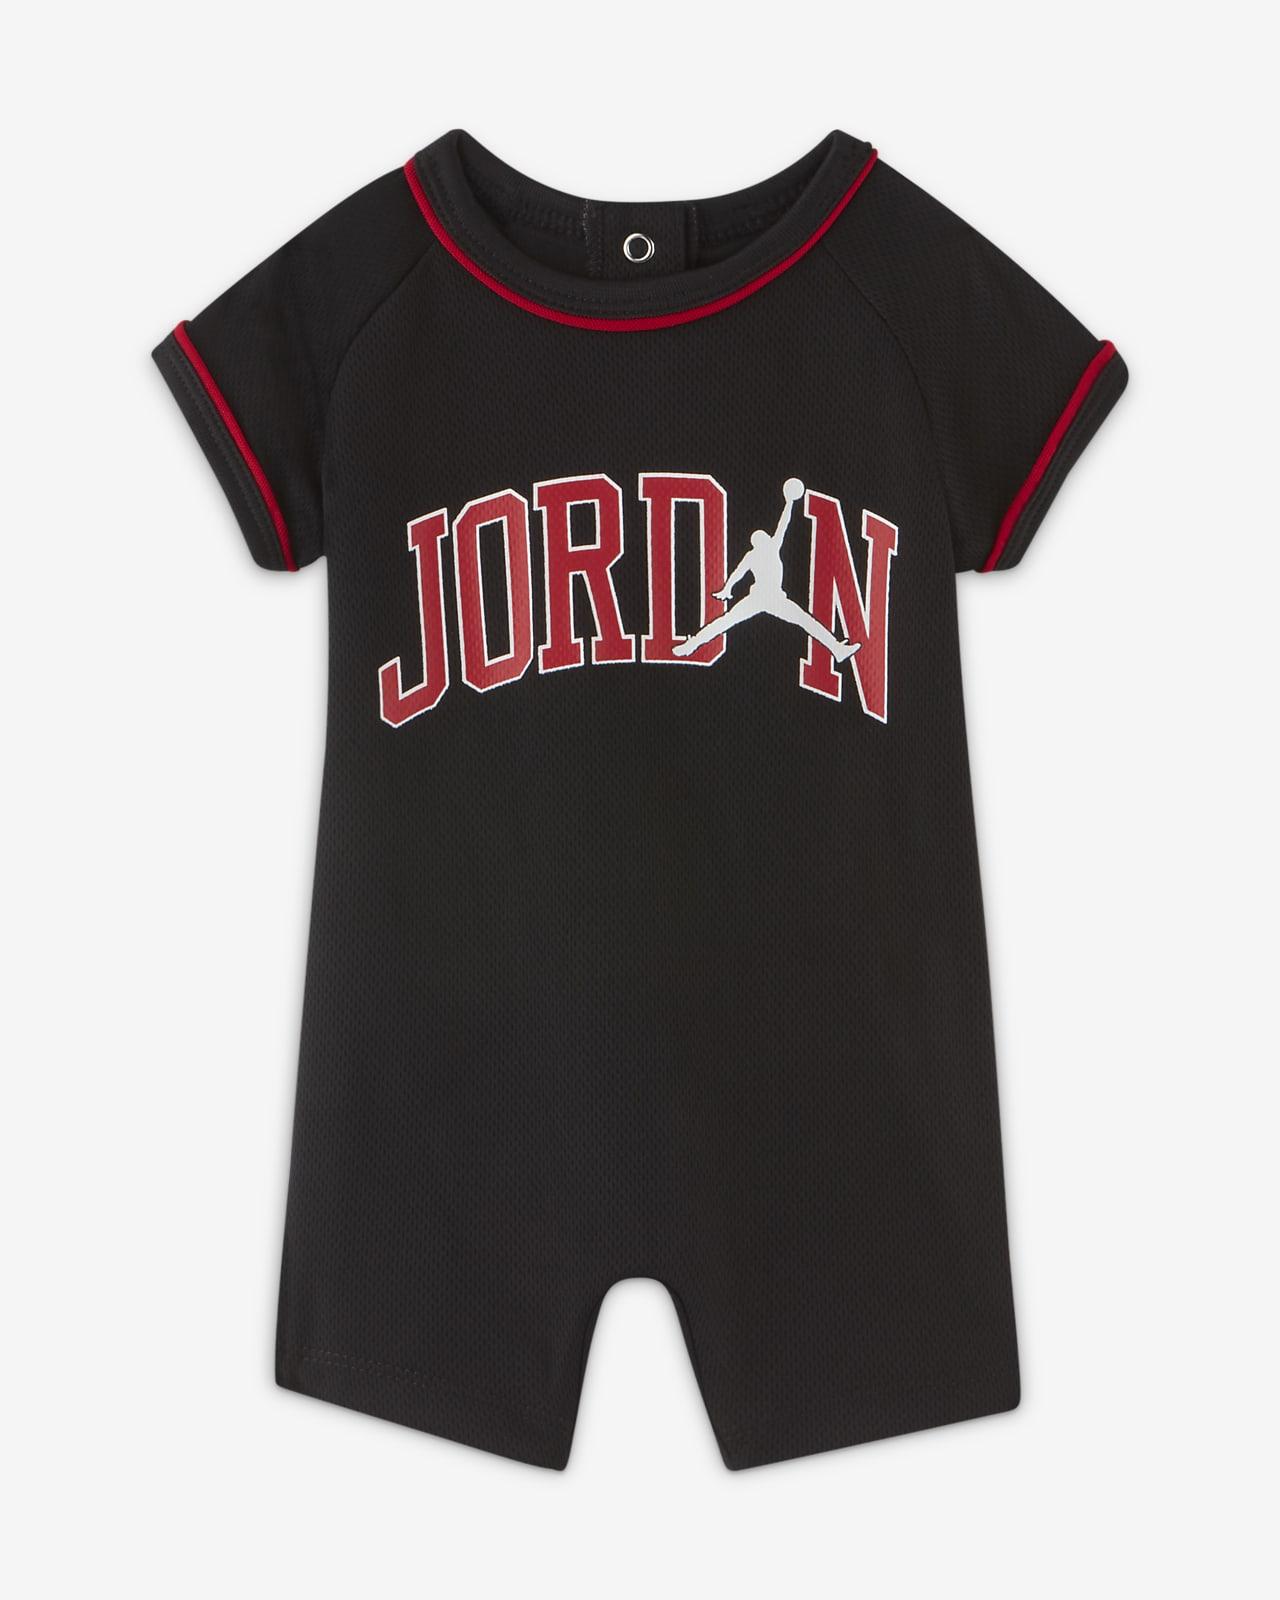 Jordan Baby (0-9M) Mesh Romper